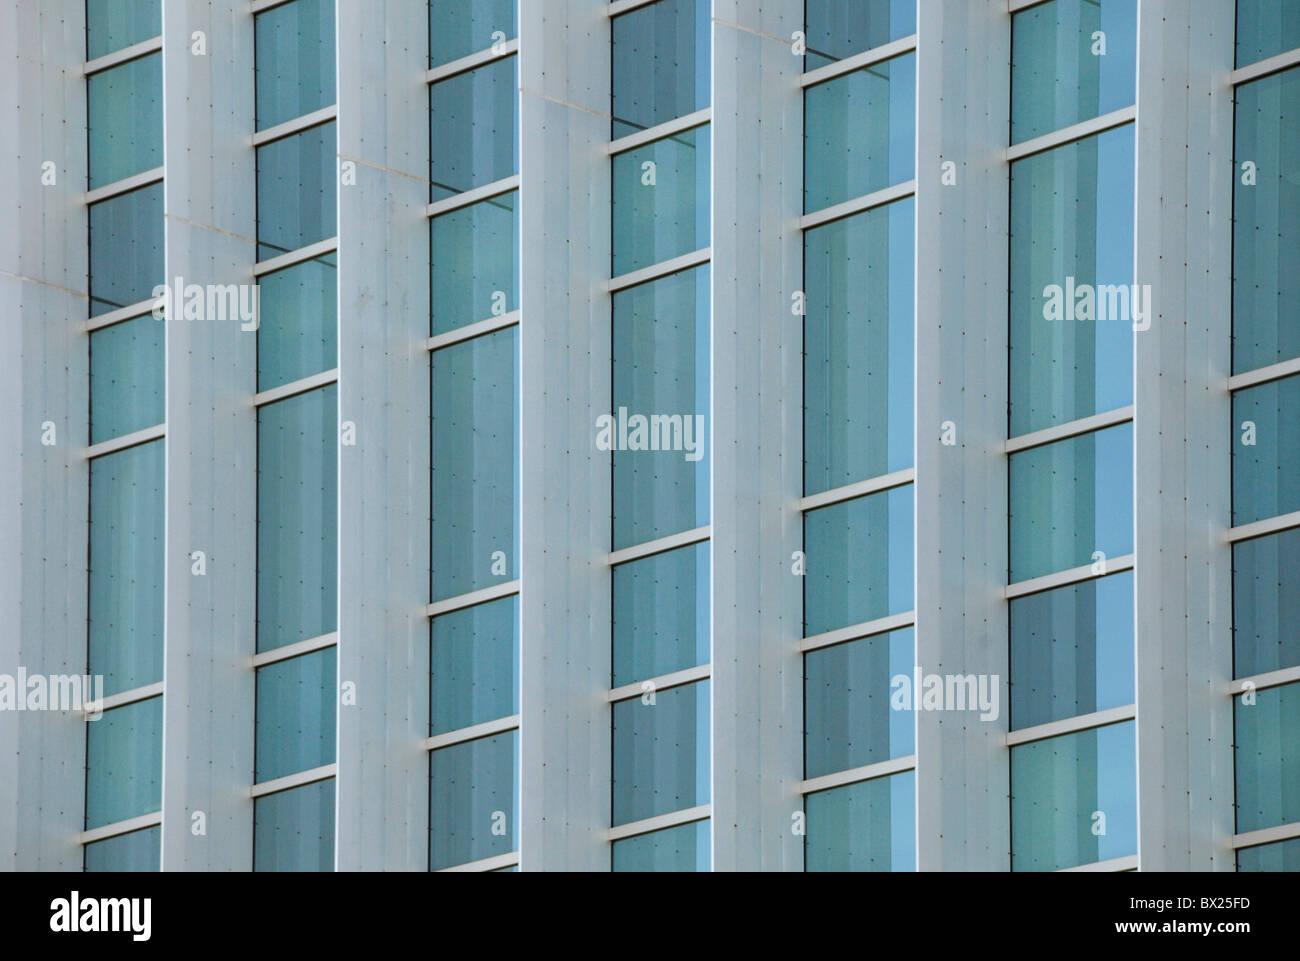 Finestre esterne di un moderno in acciaio e vetro ufficio commerciale edificio che riflette il cielo blu Immagini Stock